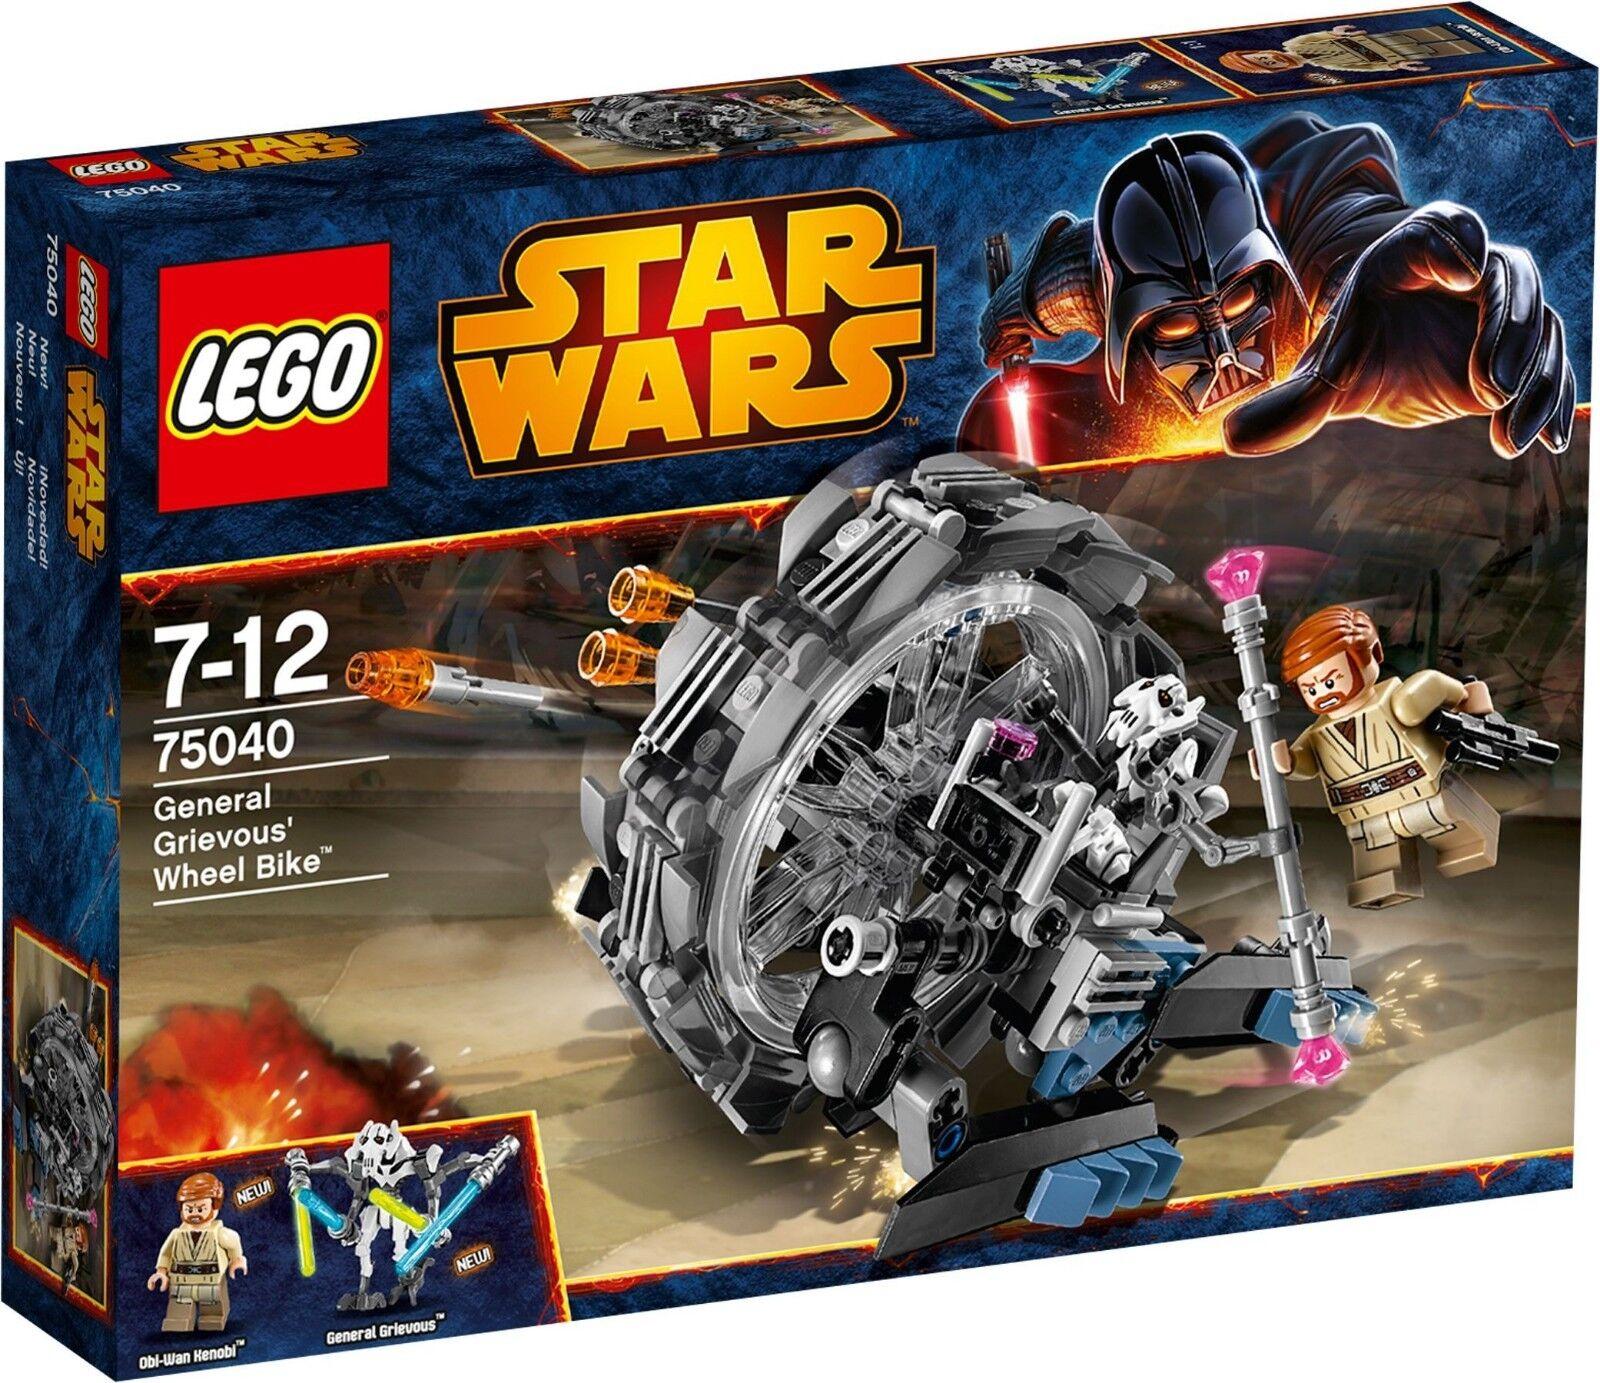 LEGO estrella guerras 75040 General Grievous'  rueda Bike NUEVO y PRECINTADO  outlet in vendita